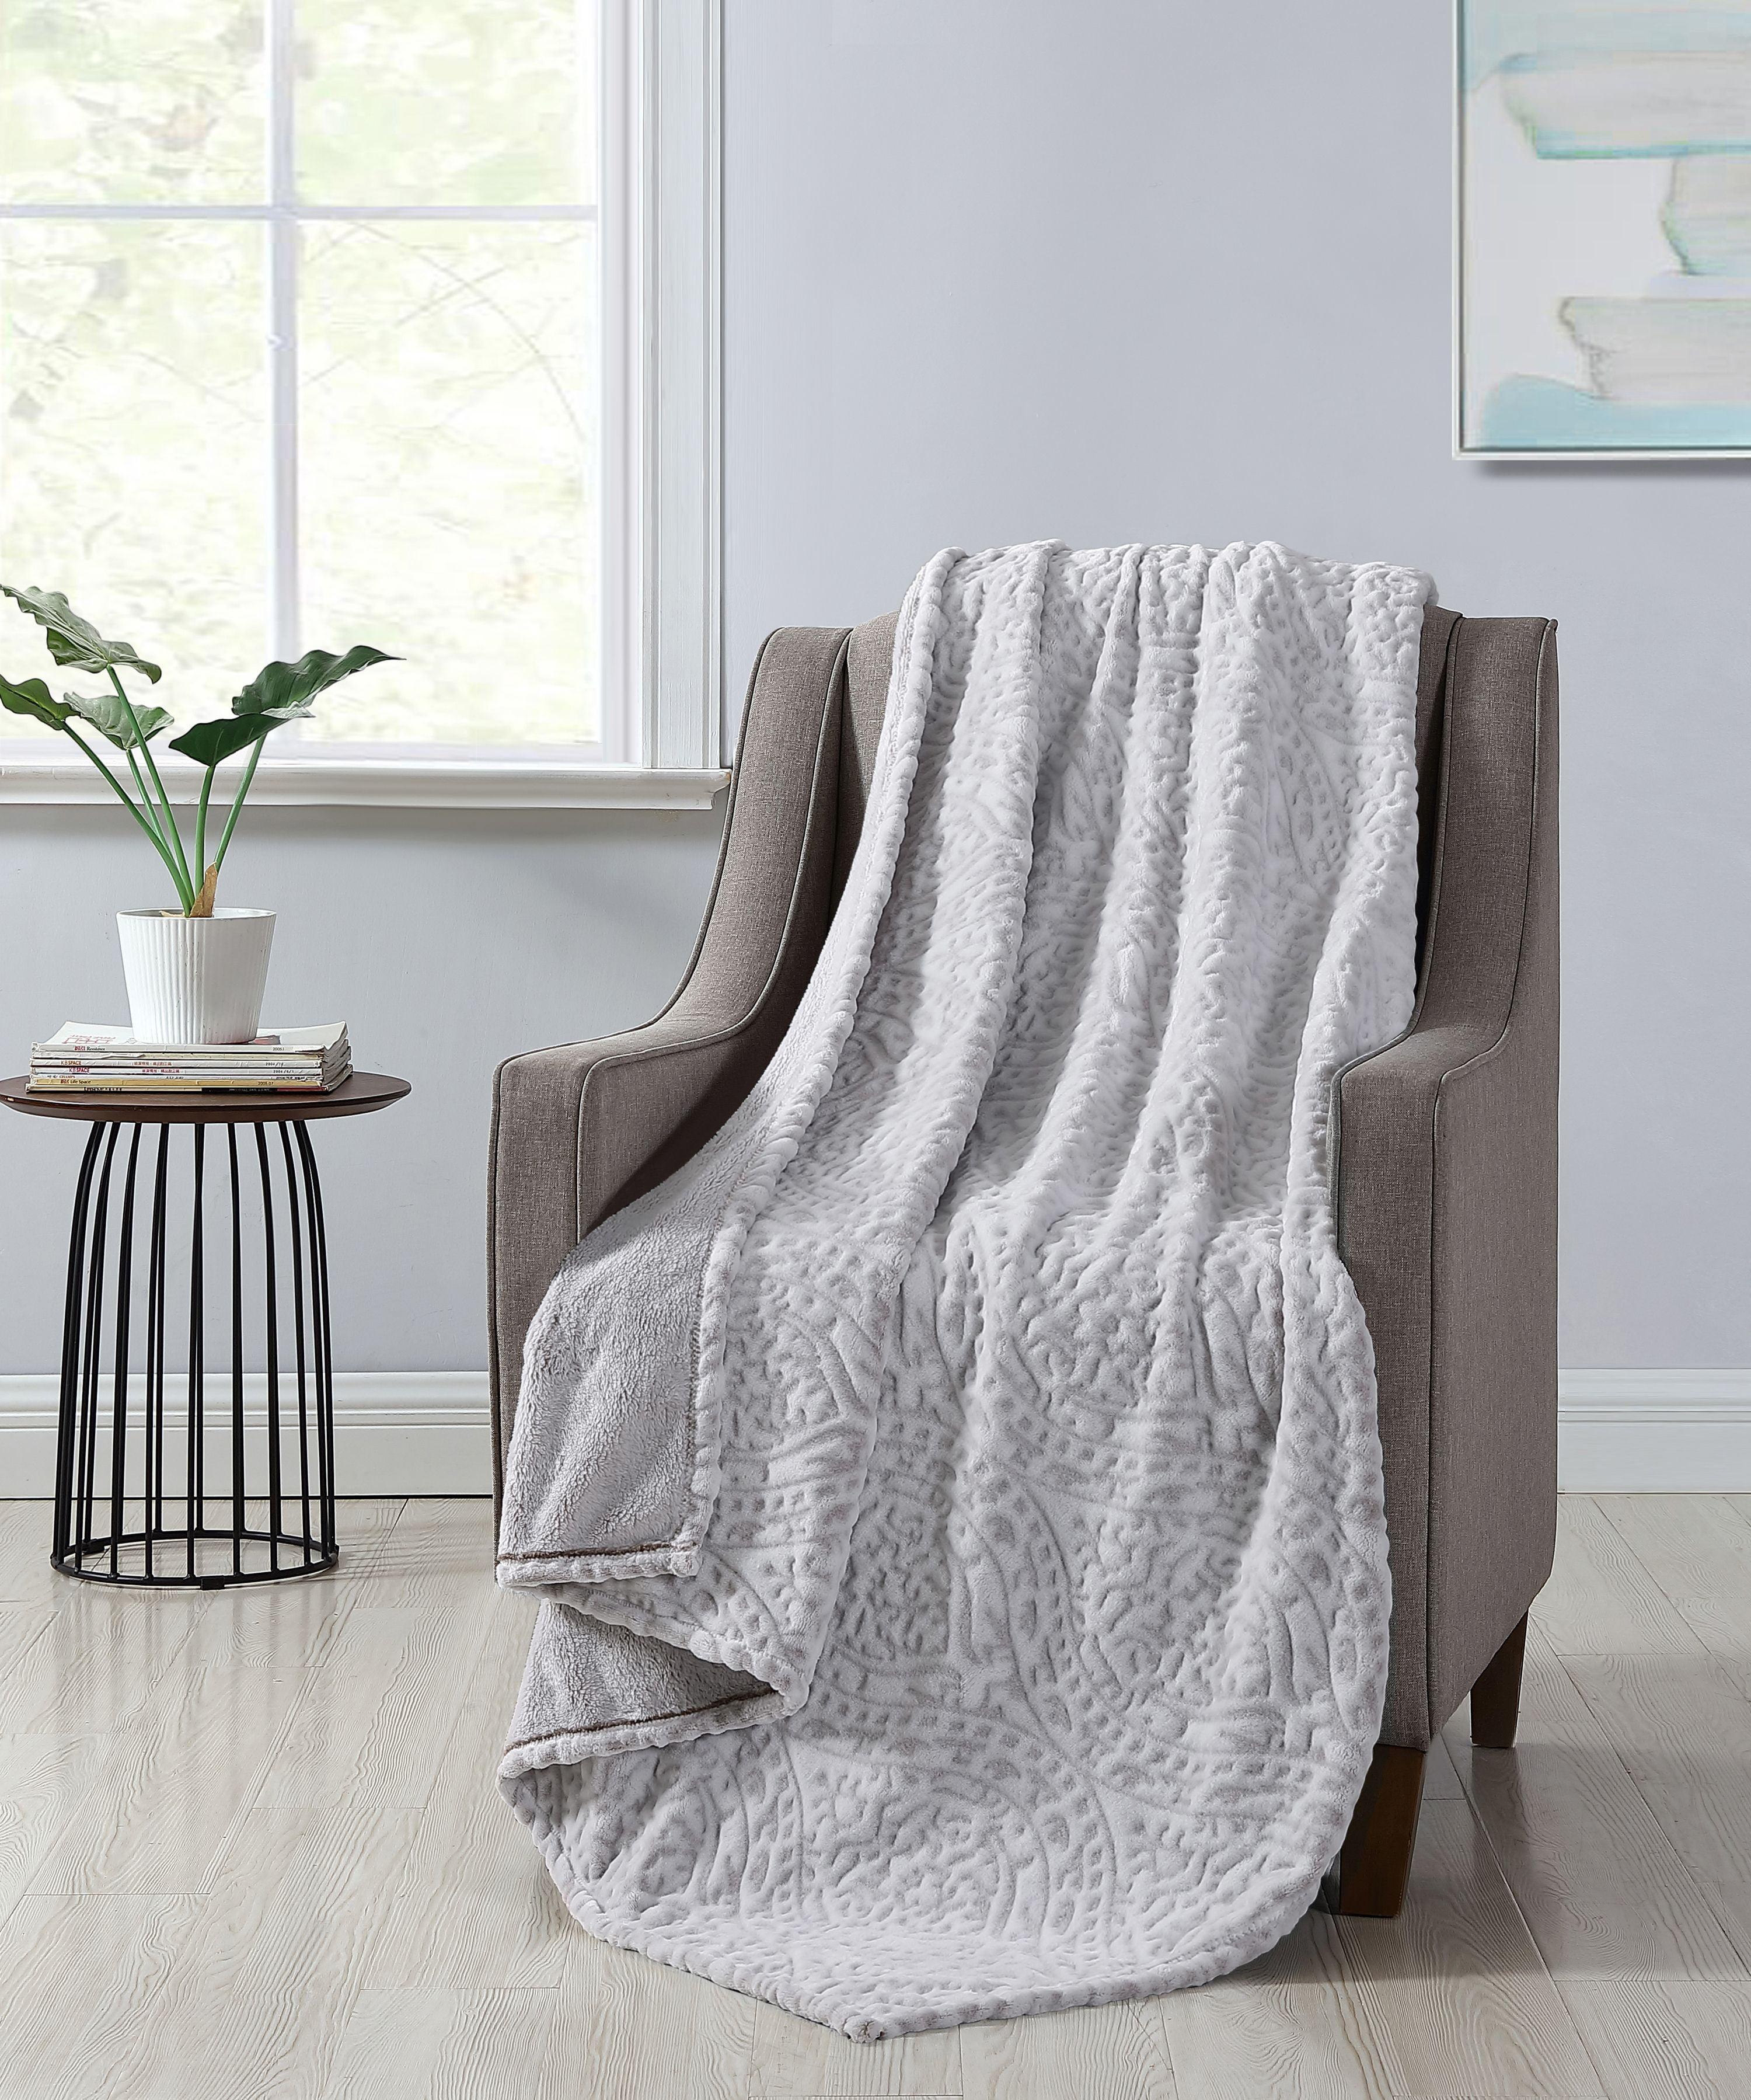 Better Homes & Gardens Ivory Damask Velvet Plush Throw Blanket, 50 x 60, Ivory